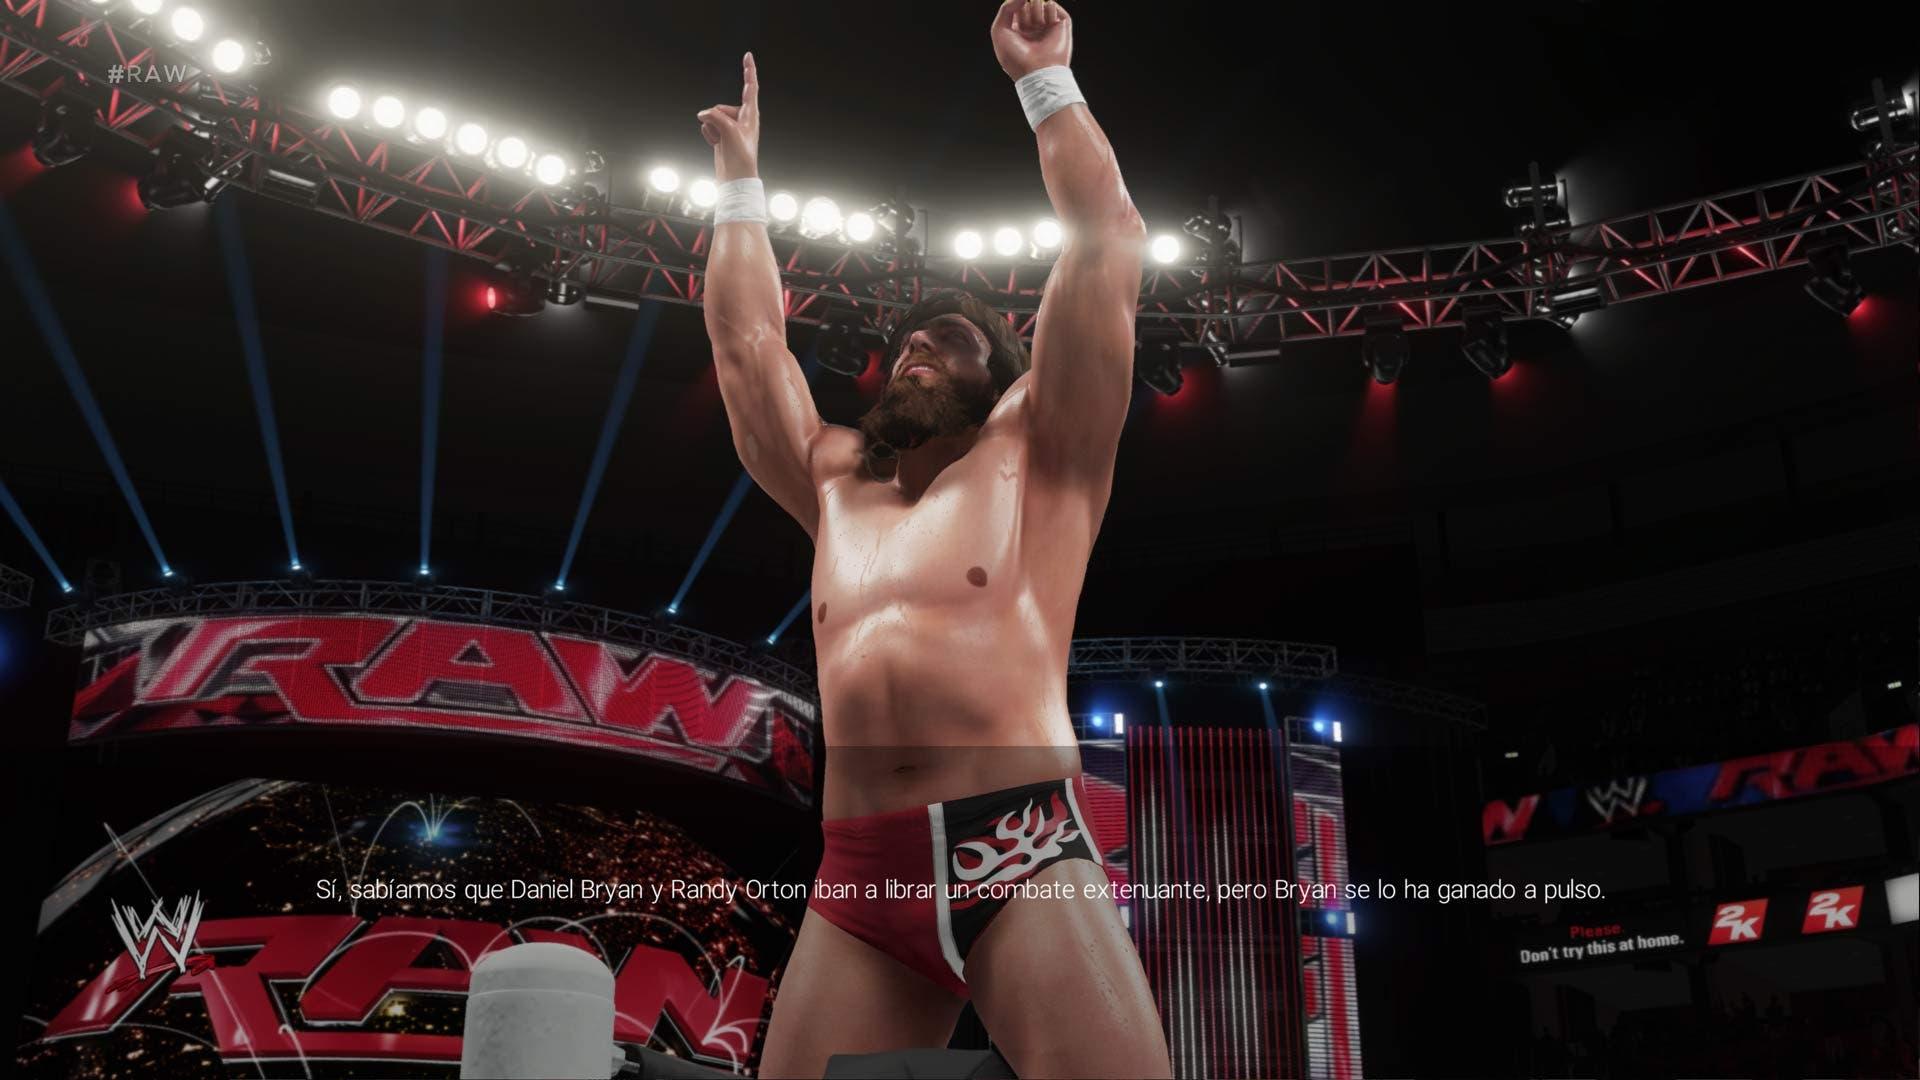 Análisis de WWE 2K19 - Xbox One 1